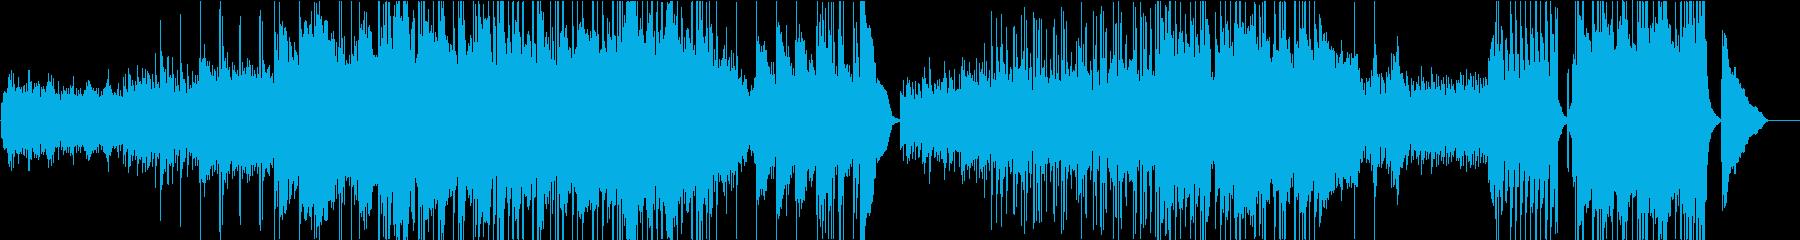 バッハ・無伴奏チェロ組曲ポップスアレンジの再生済みの波形